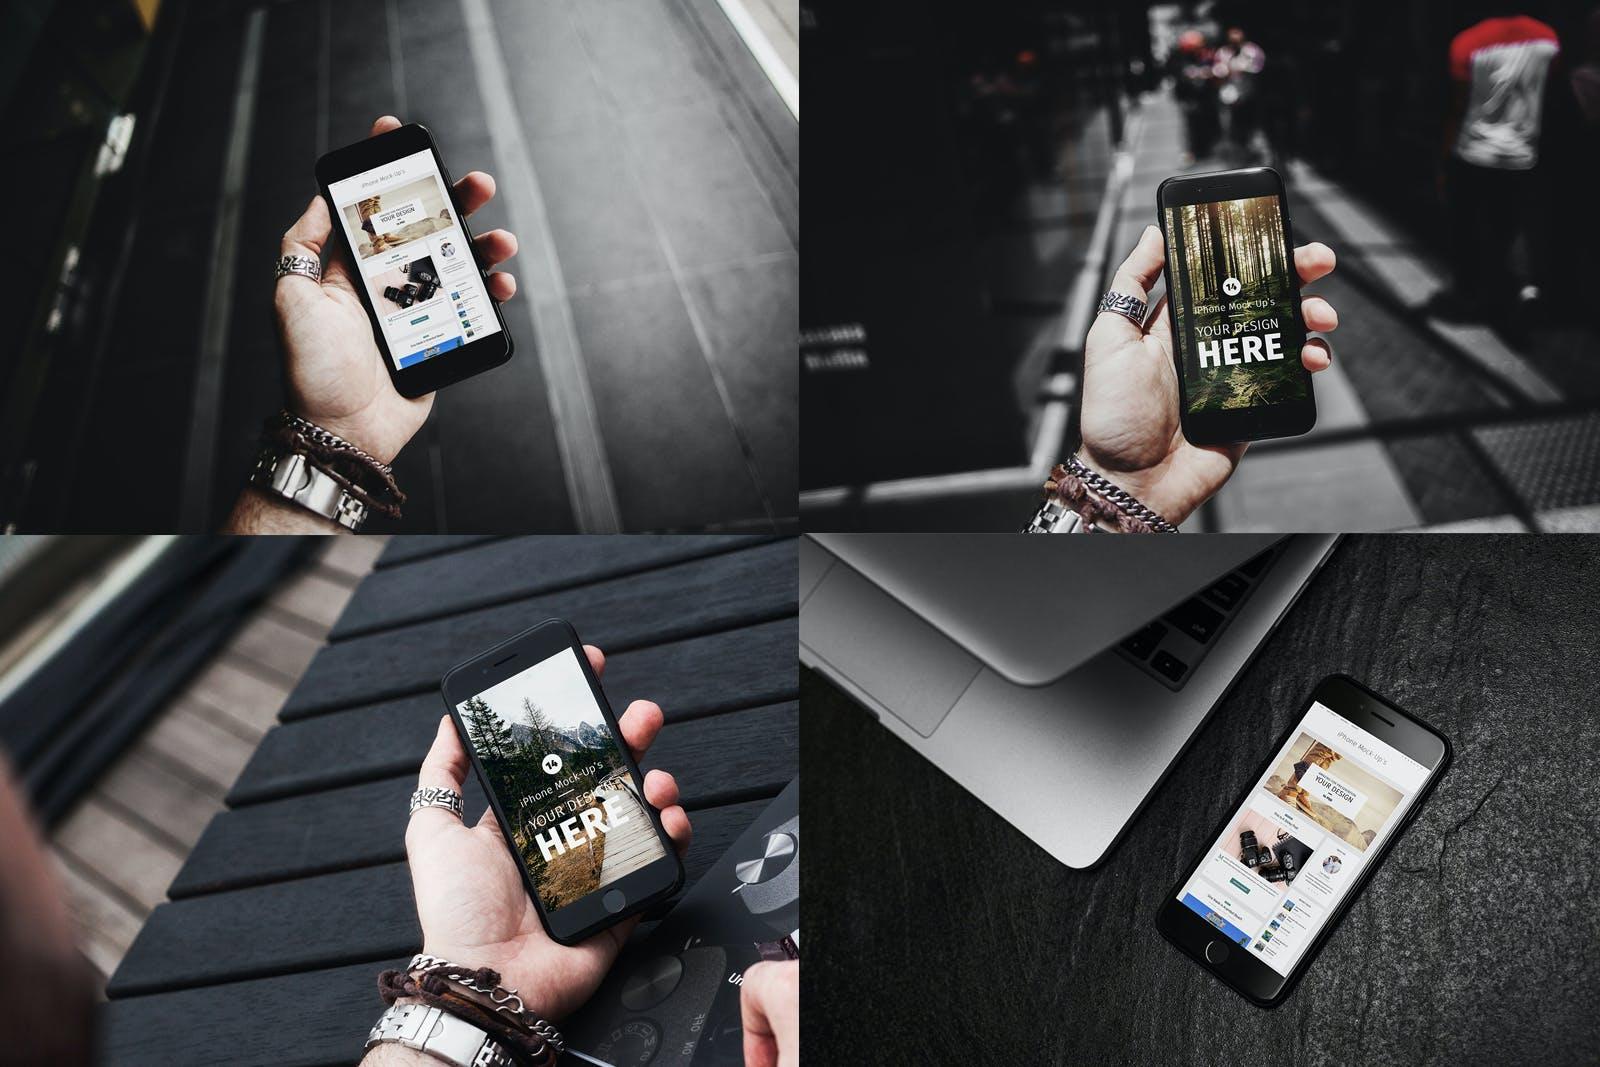 14款APP应用界面设计iPhone 7屏幕演示样机模板 iPhone 7 Urban Edition插图(2)